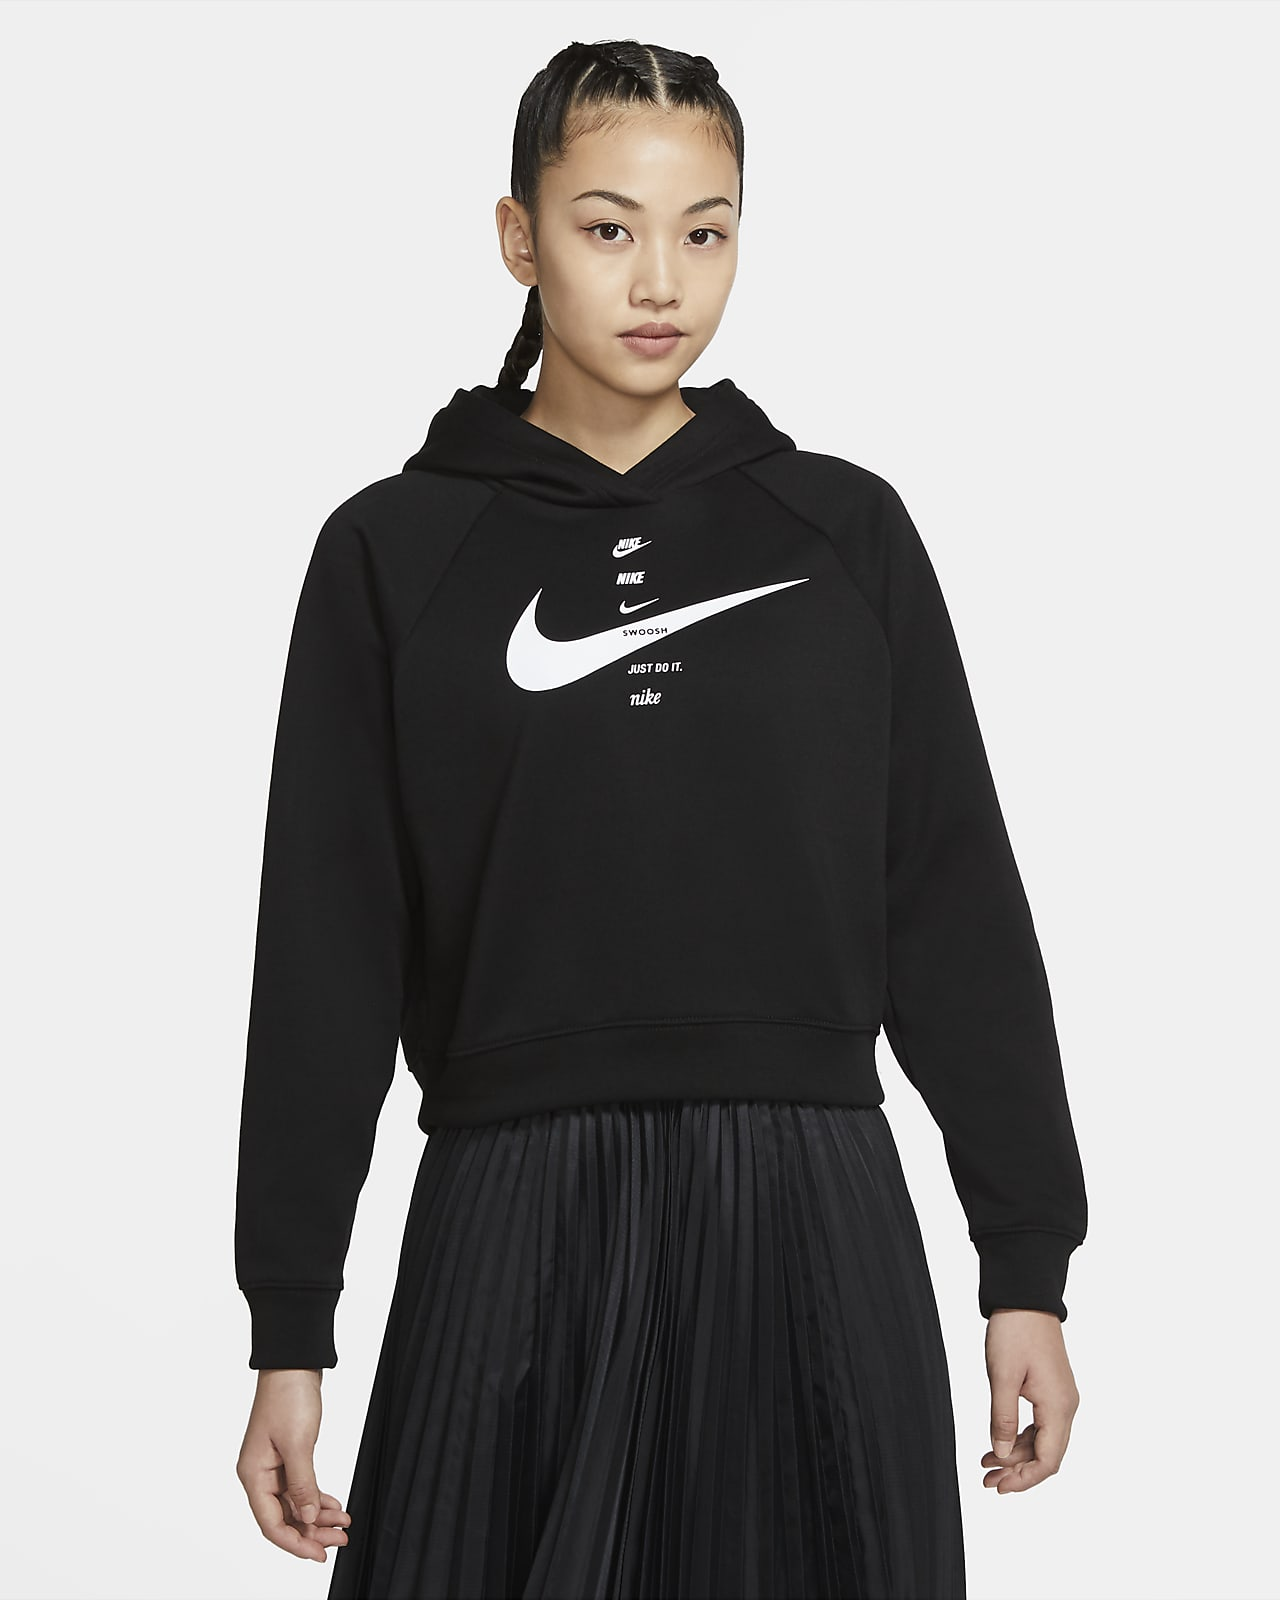 Dipendente serrare riflessivo  Felpa con cappuccio Nike Sportswear Swoosh - Donna. Nike IT